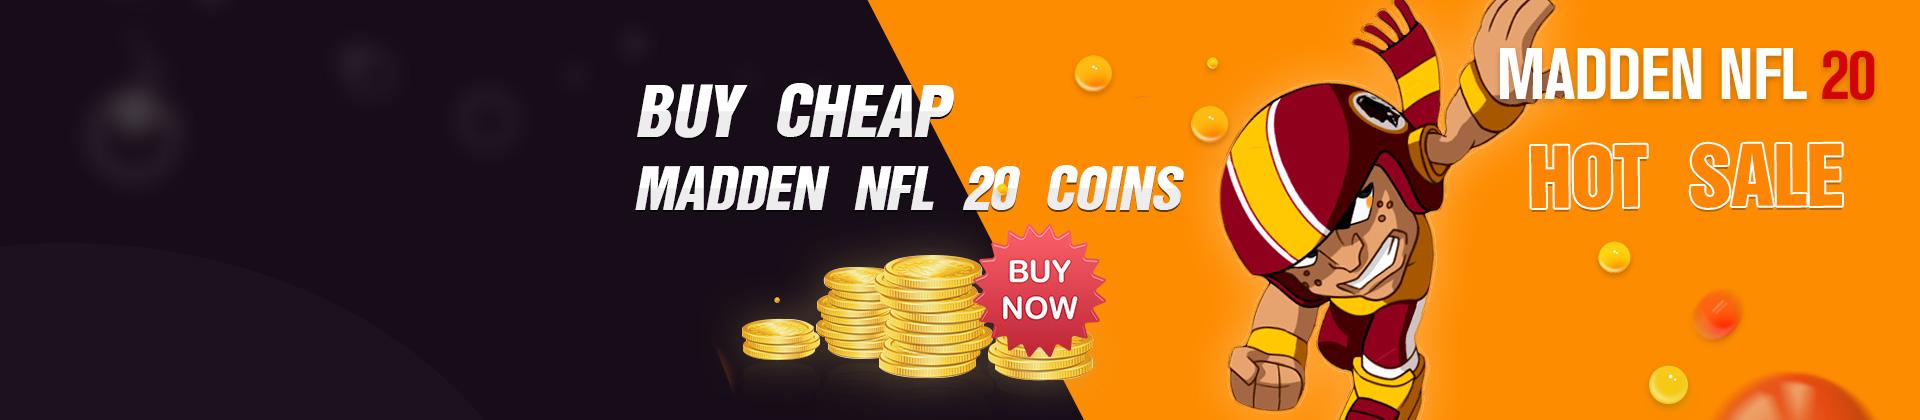 Cheap Madden NFL 20 Coins